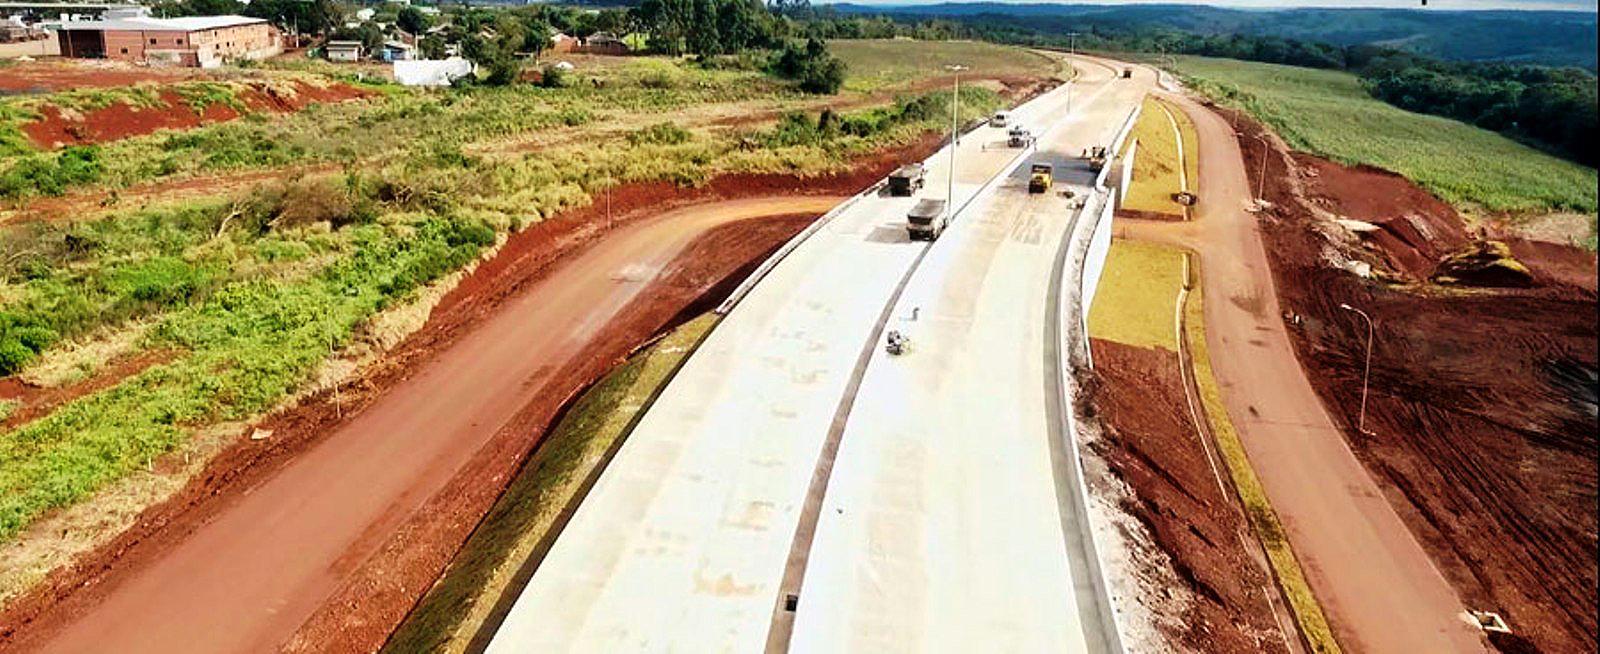 Trecho duplicado da BR-163, na rota do agronegócio: só o pavimento de concreto suporta tráfego pesado de 5 mil caminhões por dia Crédito: DNIT